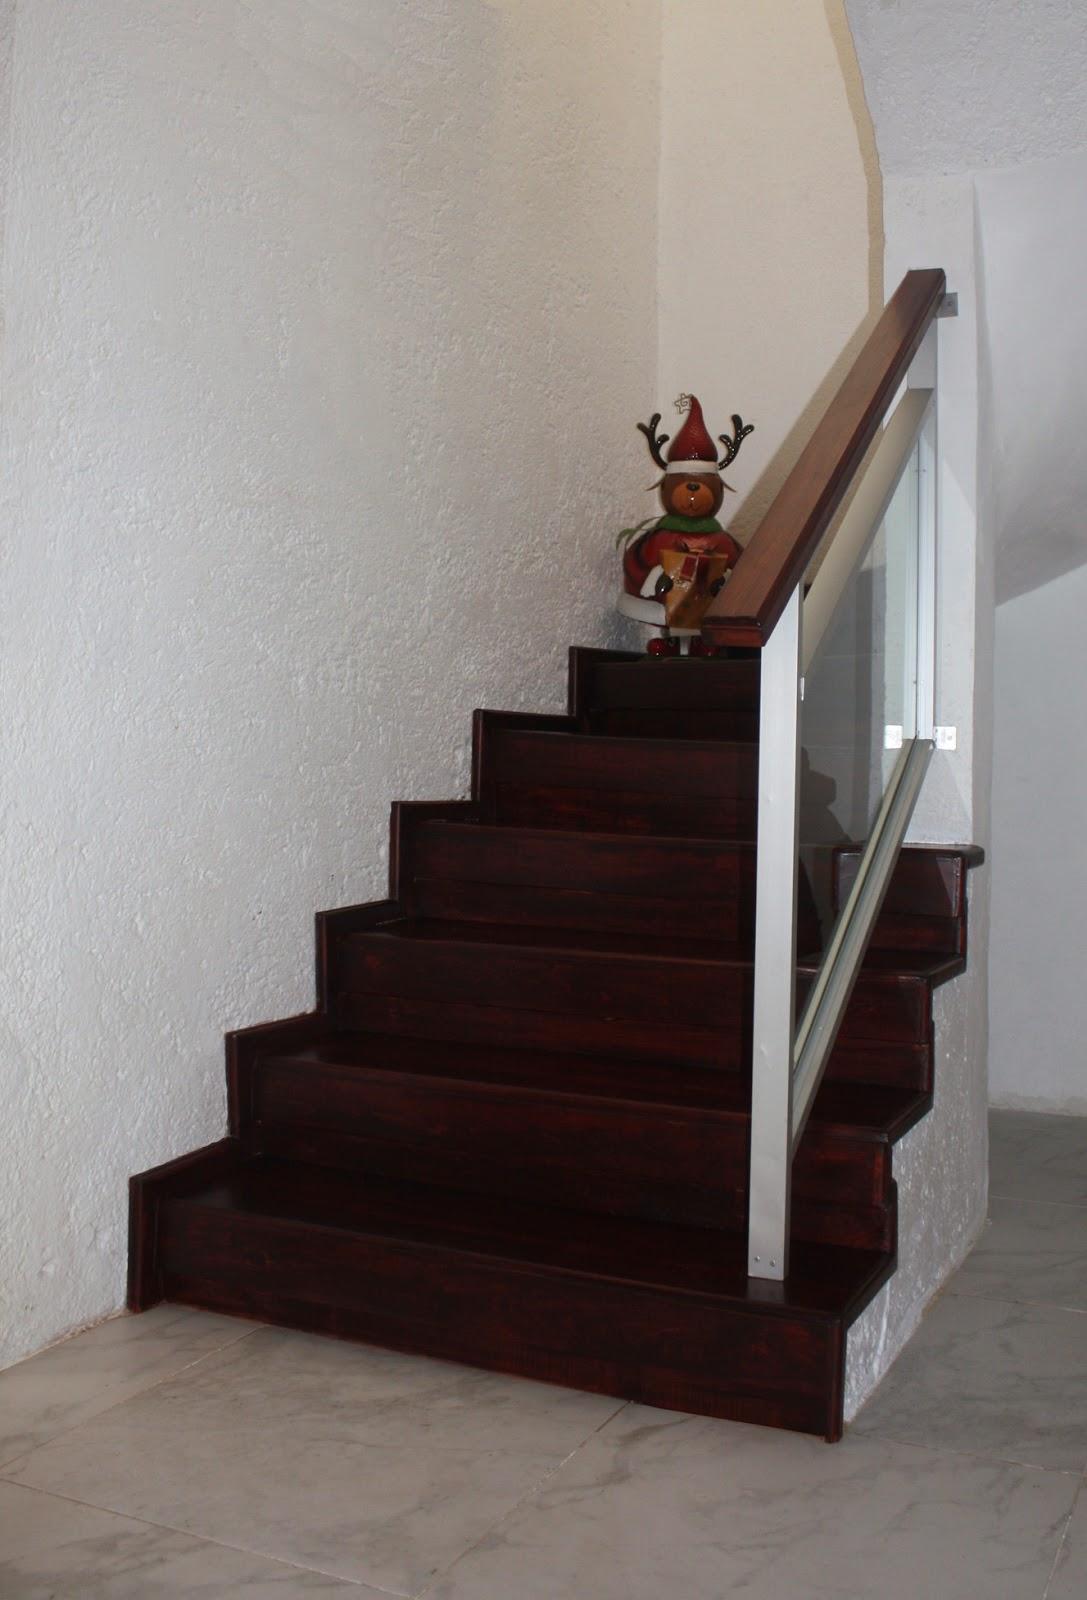 Barandales de aluminio con cristal templado y escaleras - Escaleras forradas de madera ...